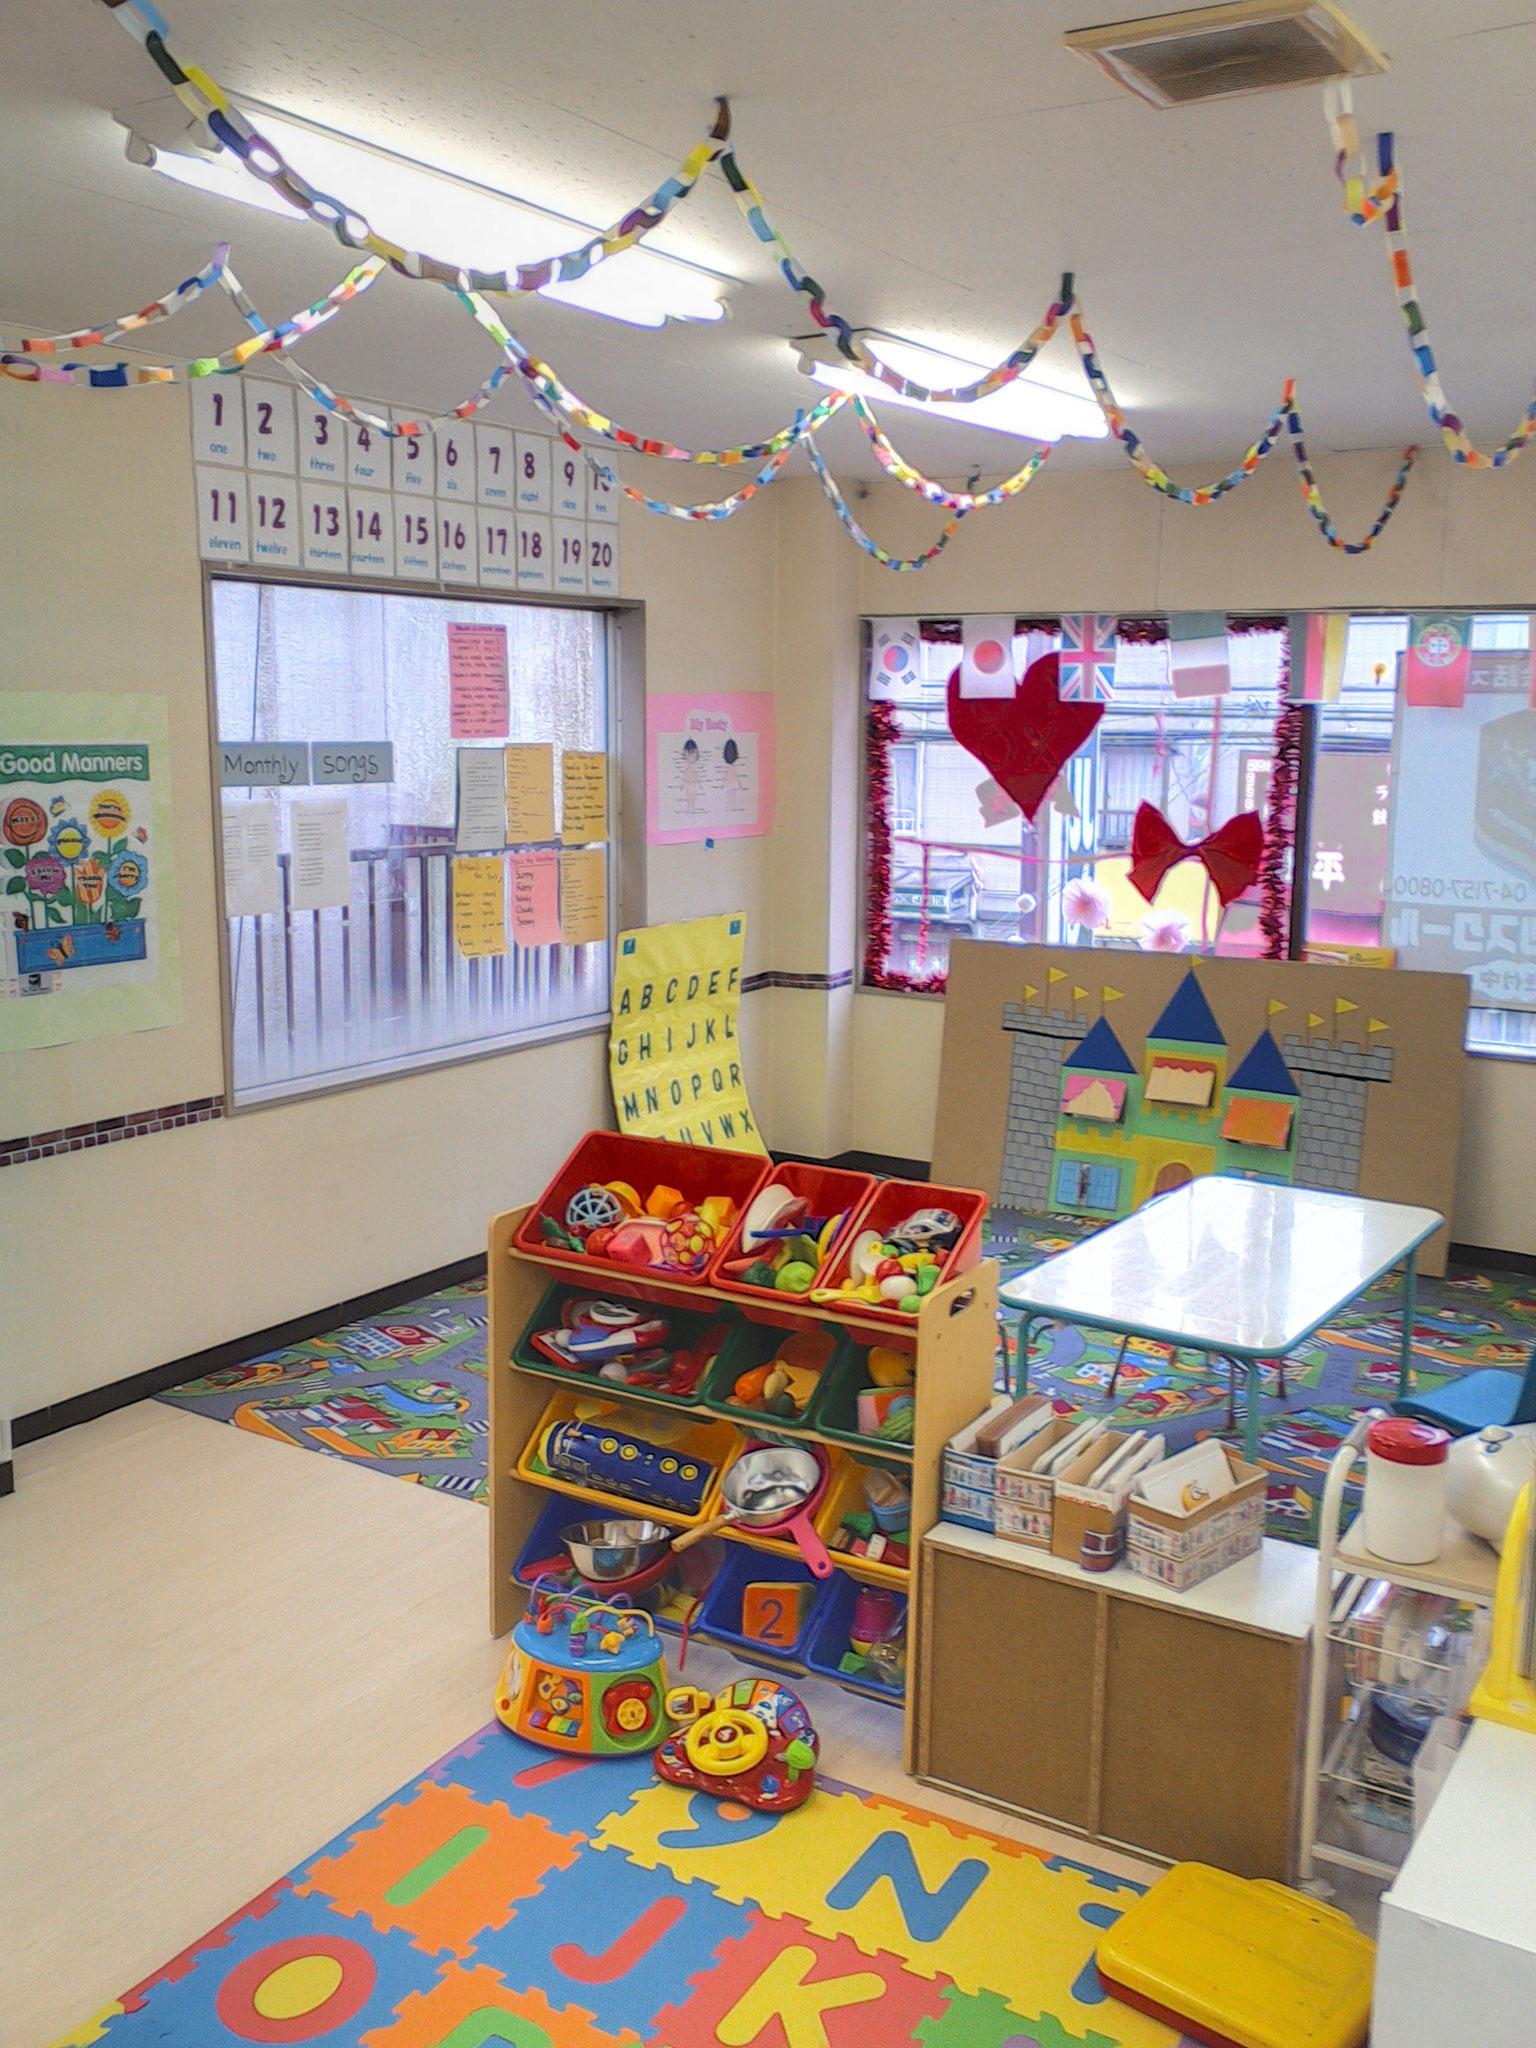 お教室はお子さんのクリエイティヴィティを育てる仕掛けがいっぱい!!